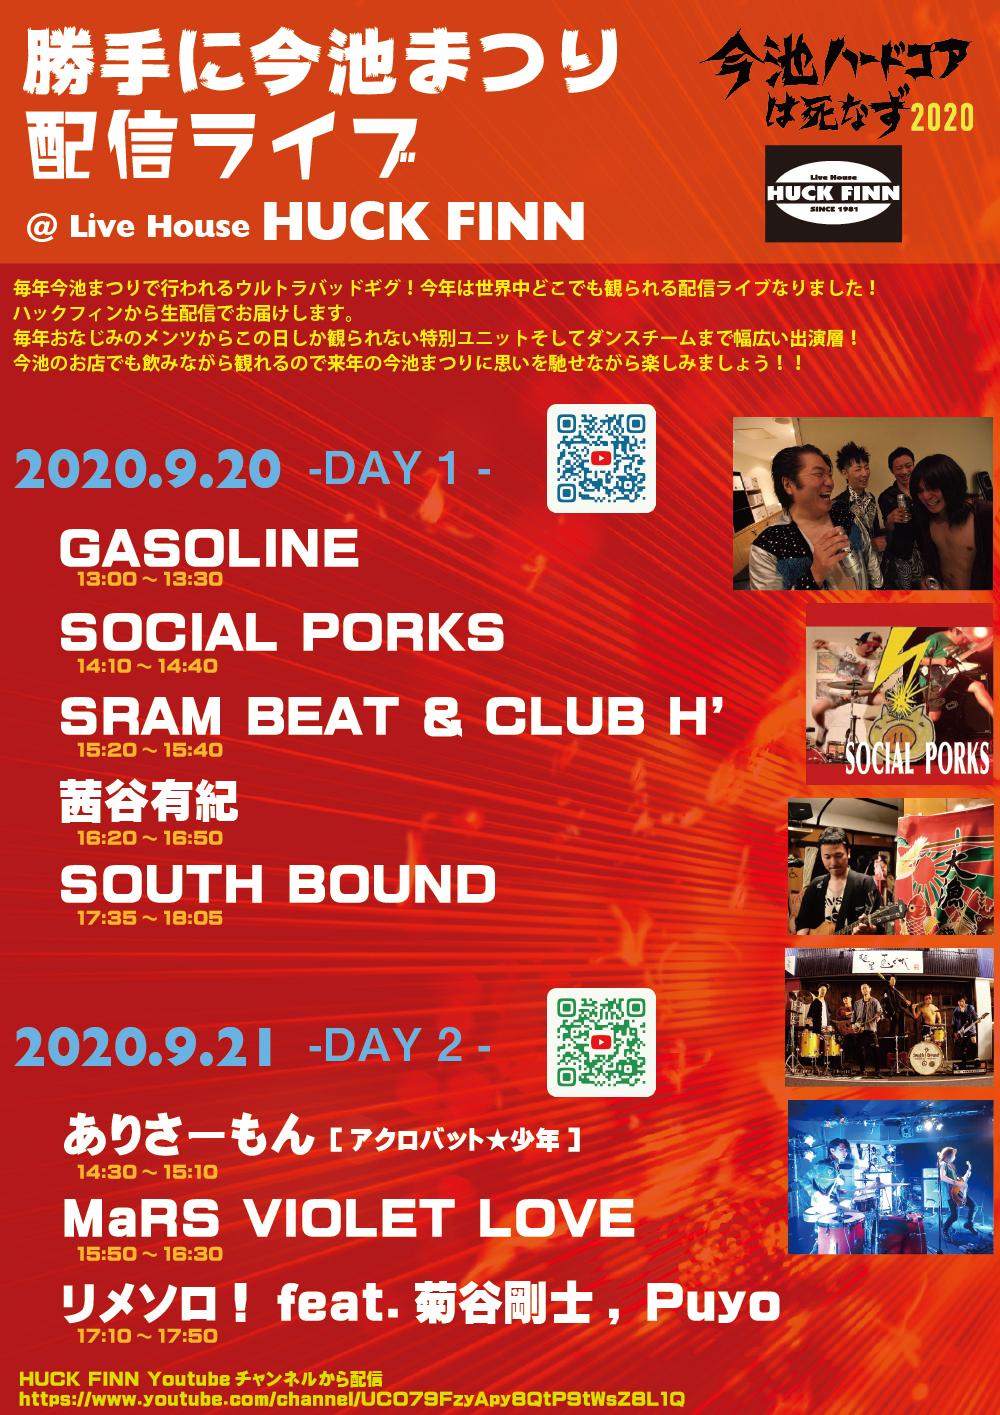 [勝手に今池まつり ライブ配信] @Live House HUCK FINN  2020.9.20~9.21